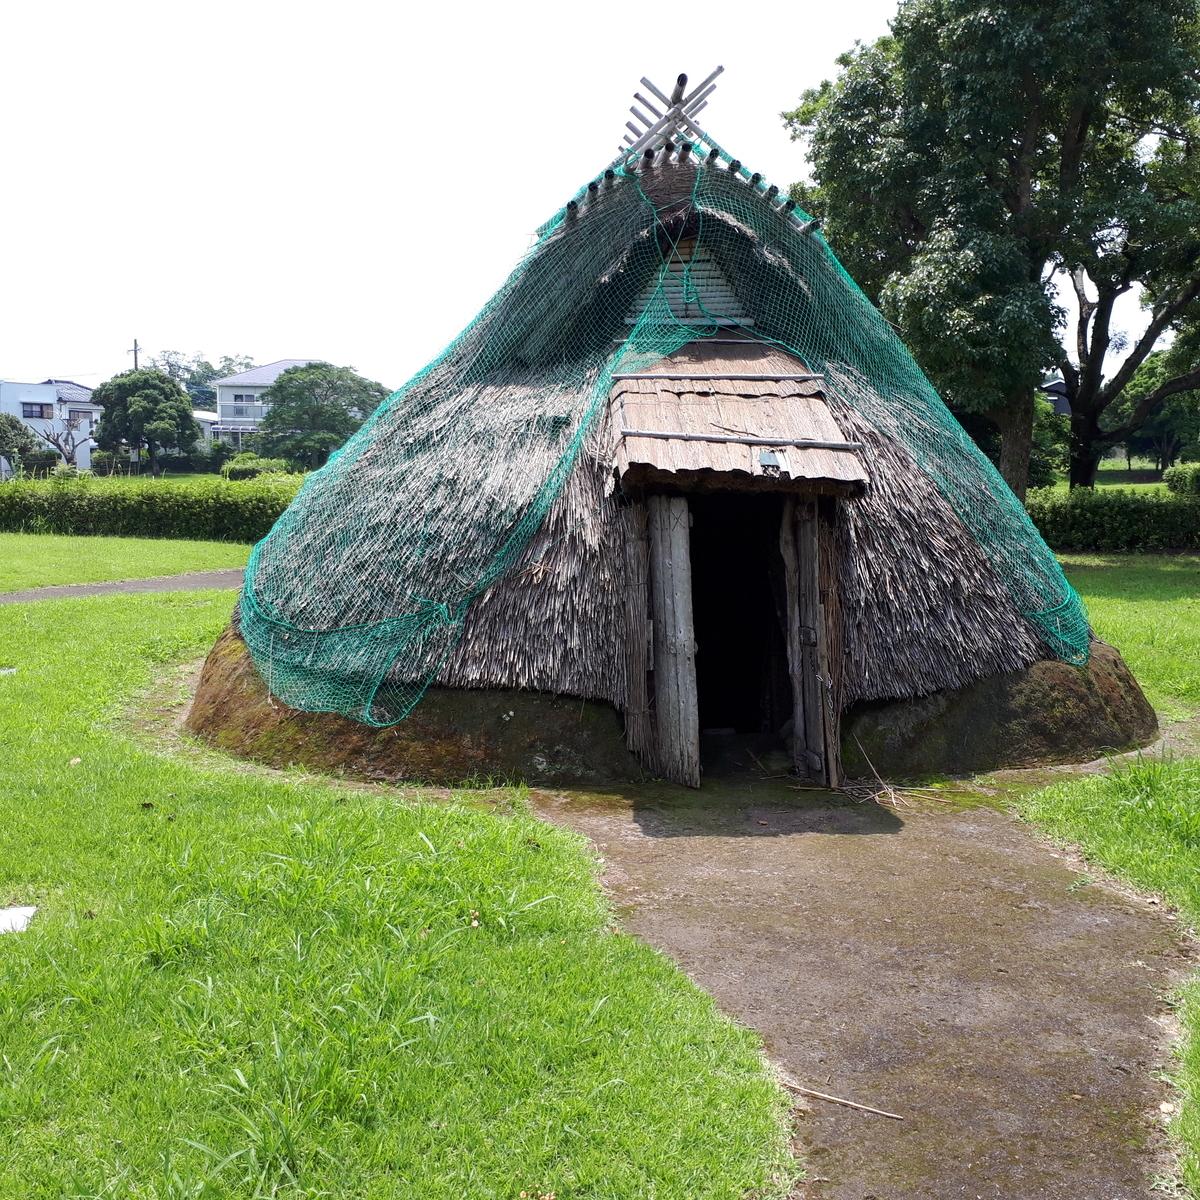 指宿 橋牟礼川遺跡 竪穴式住居